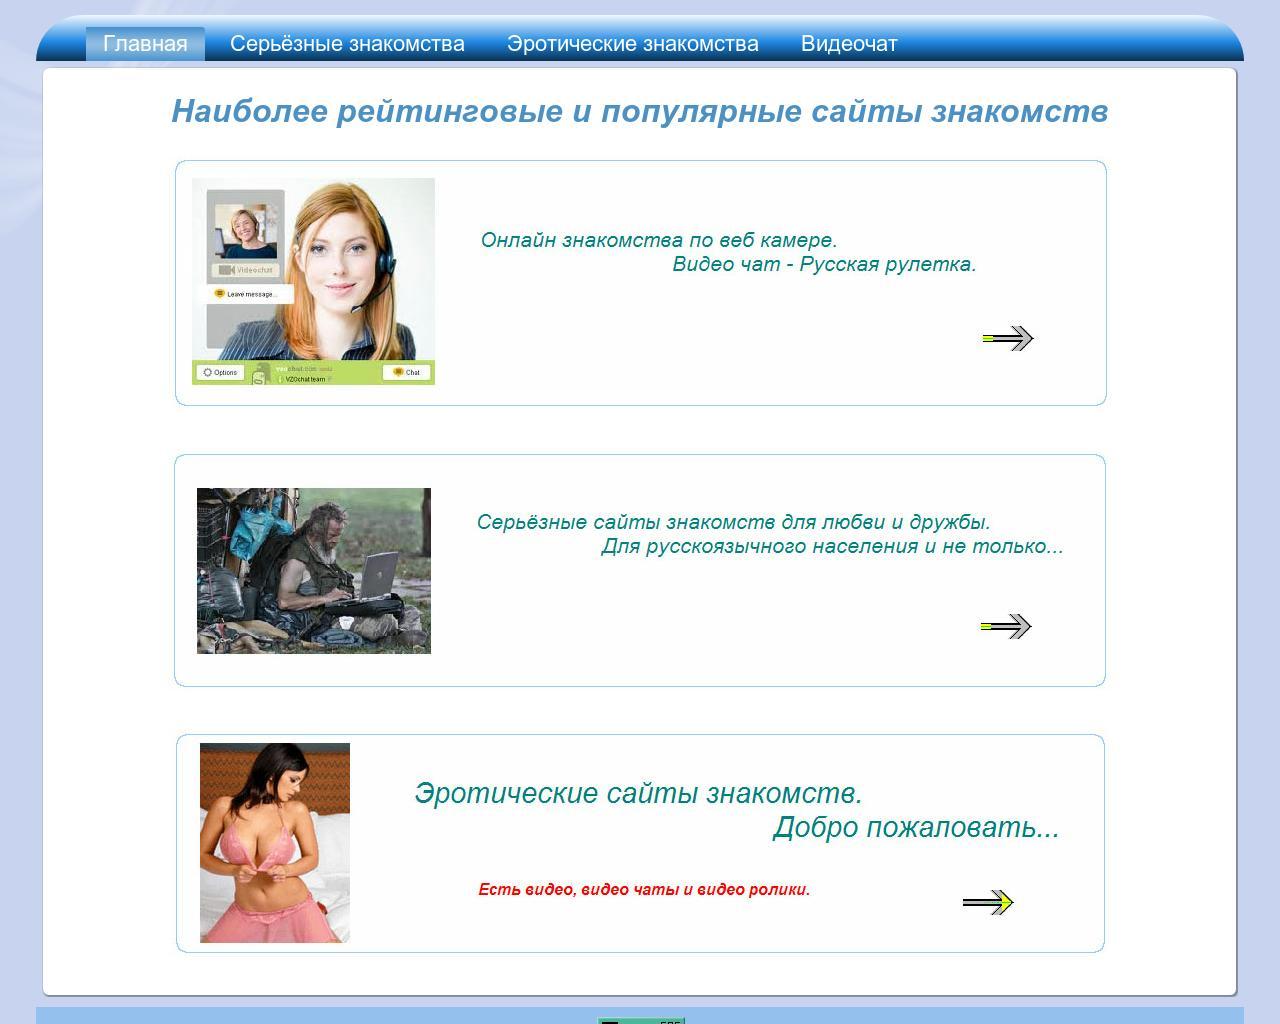 Сайт россии популярный самый знакомств